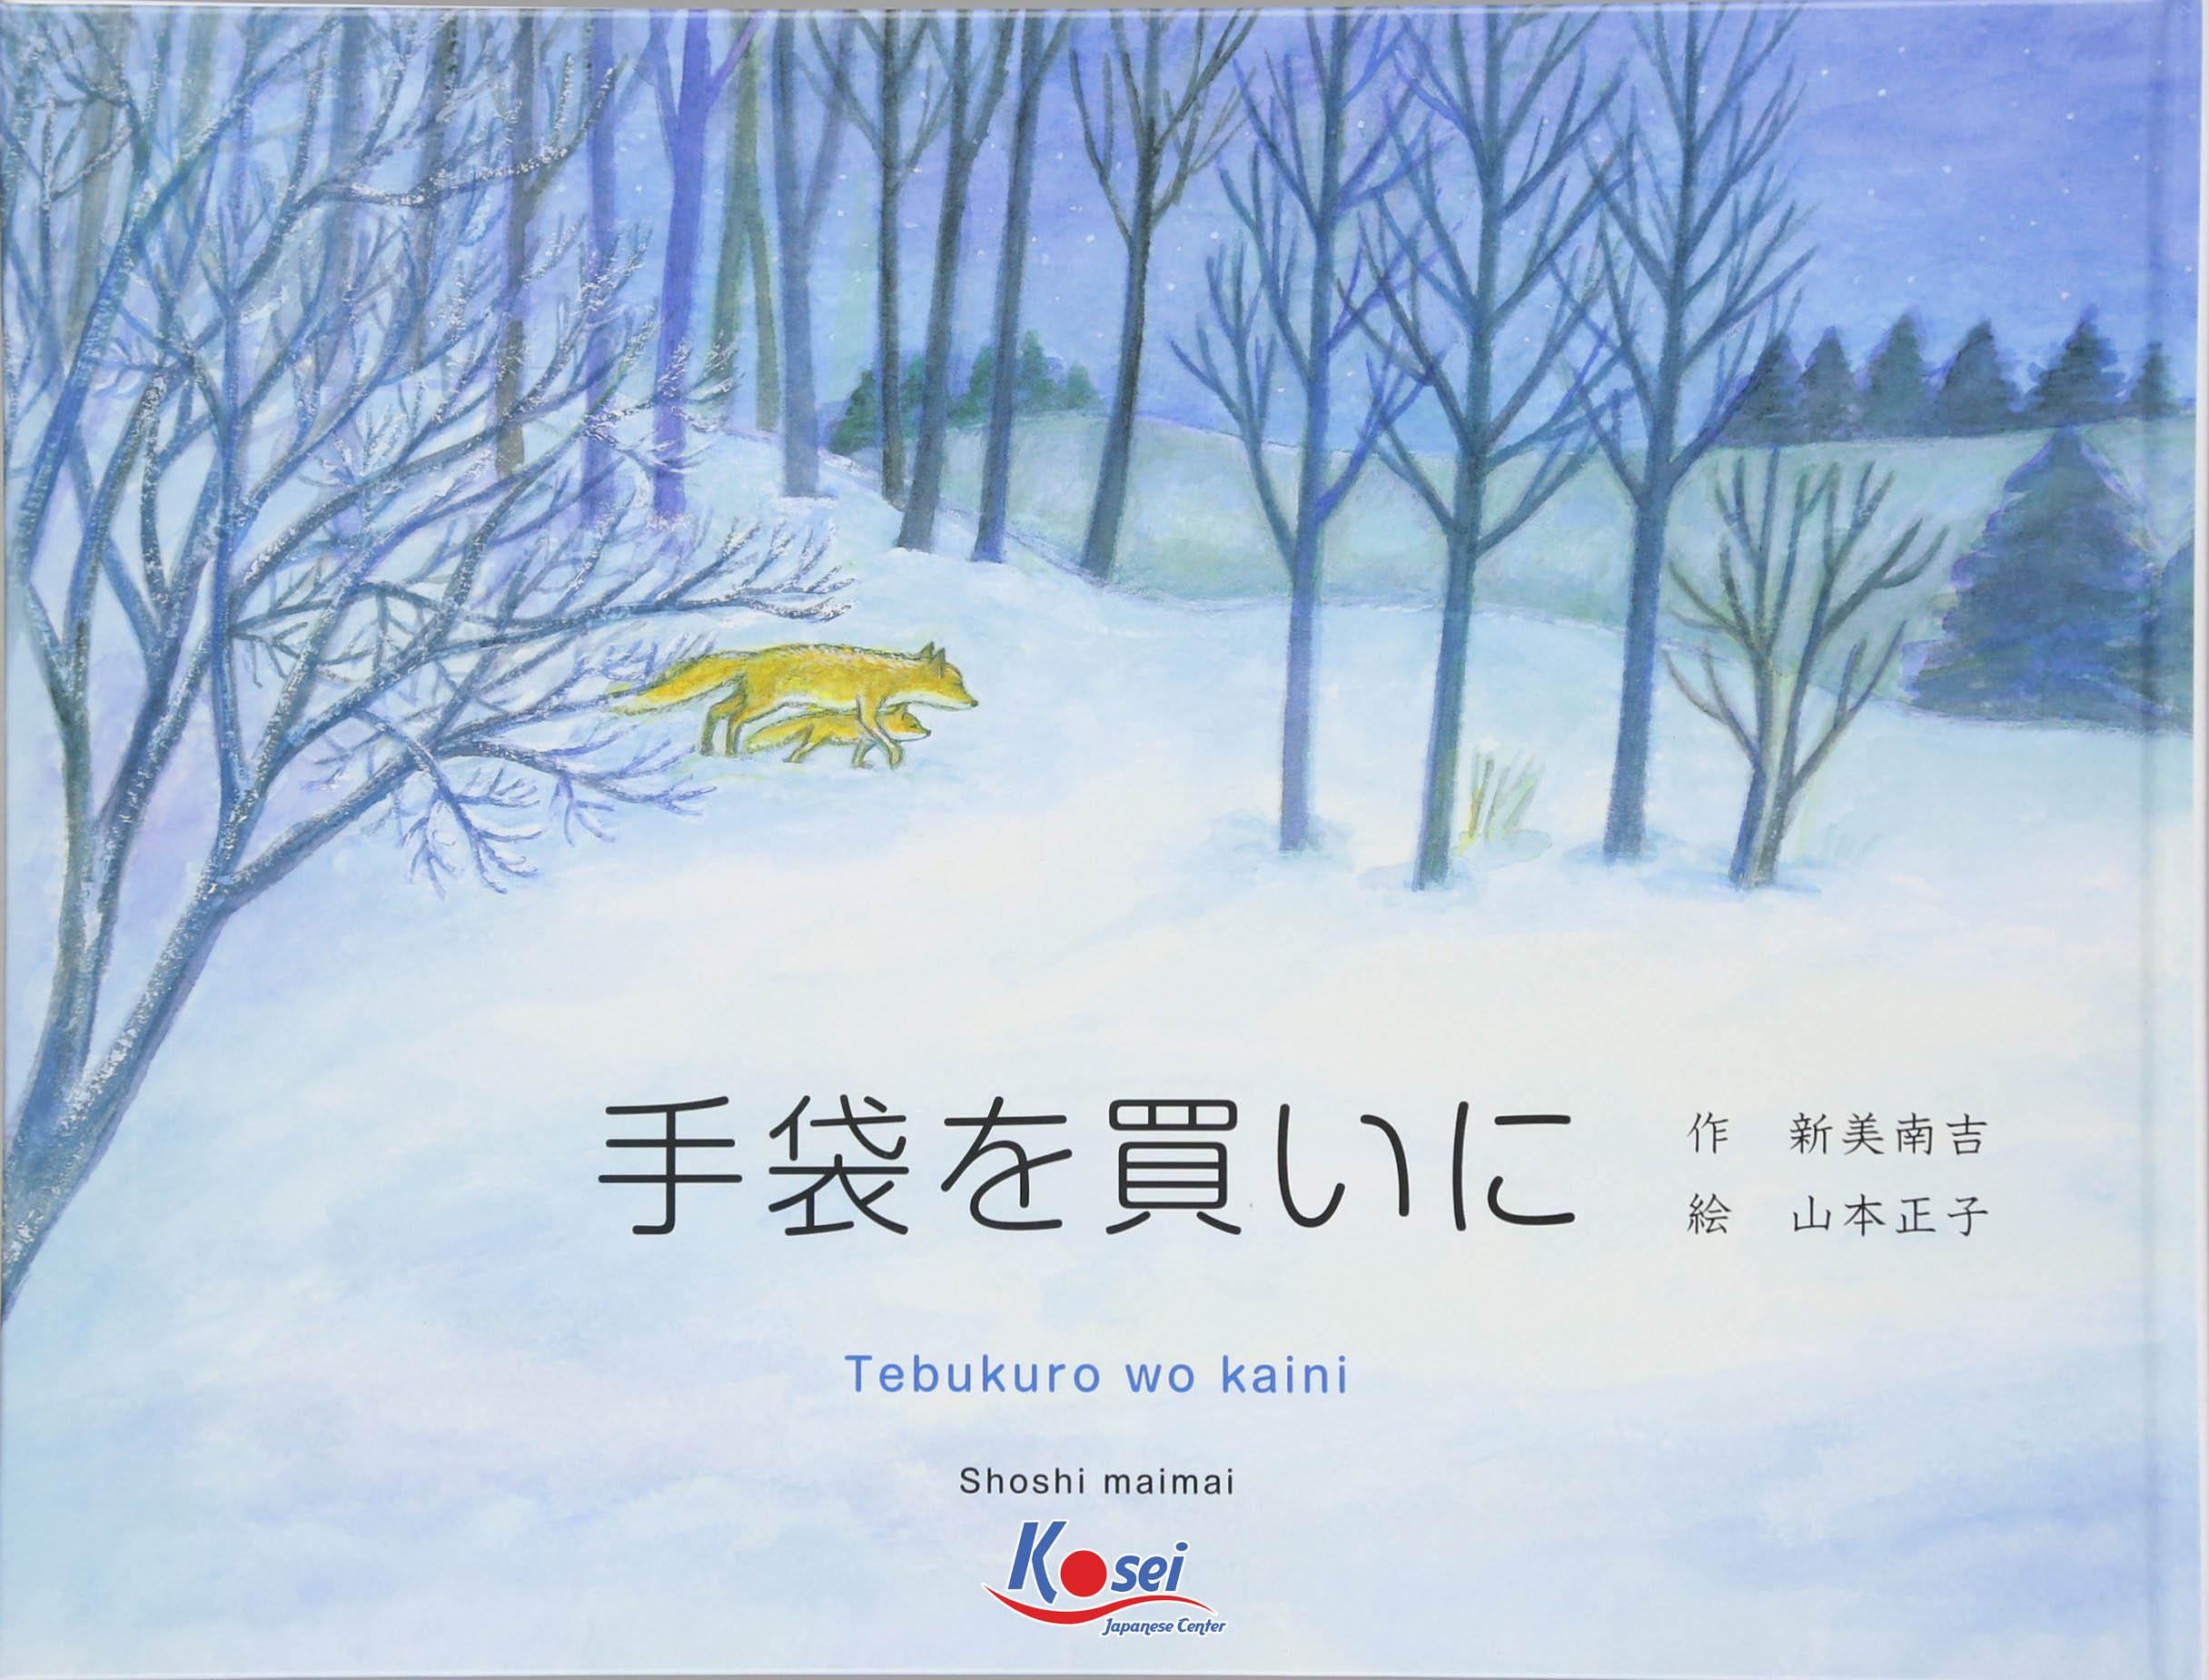 http://kosei.vn/hoc-tieng-nhat-qua-truyen-co-tich-cao-con-mua-gang-tay-n2246.html